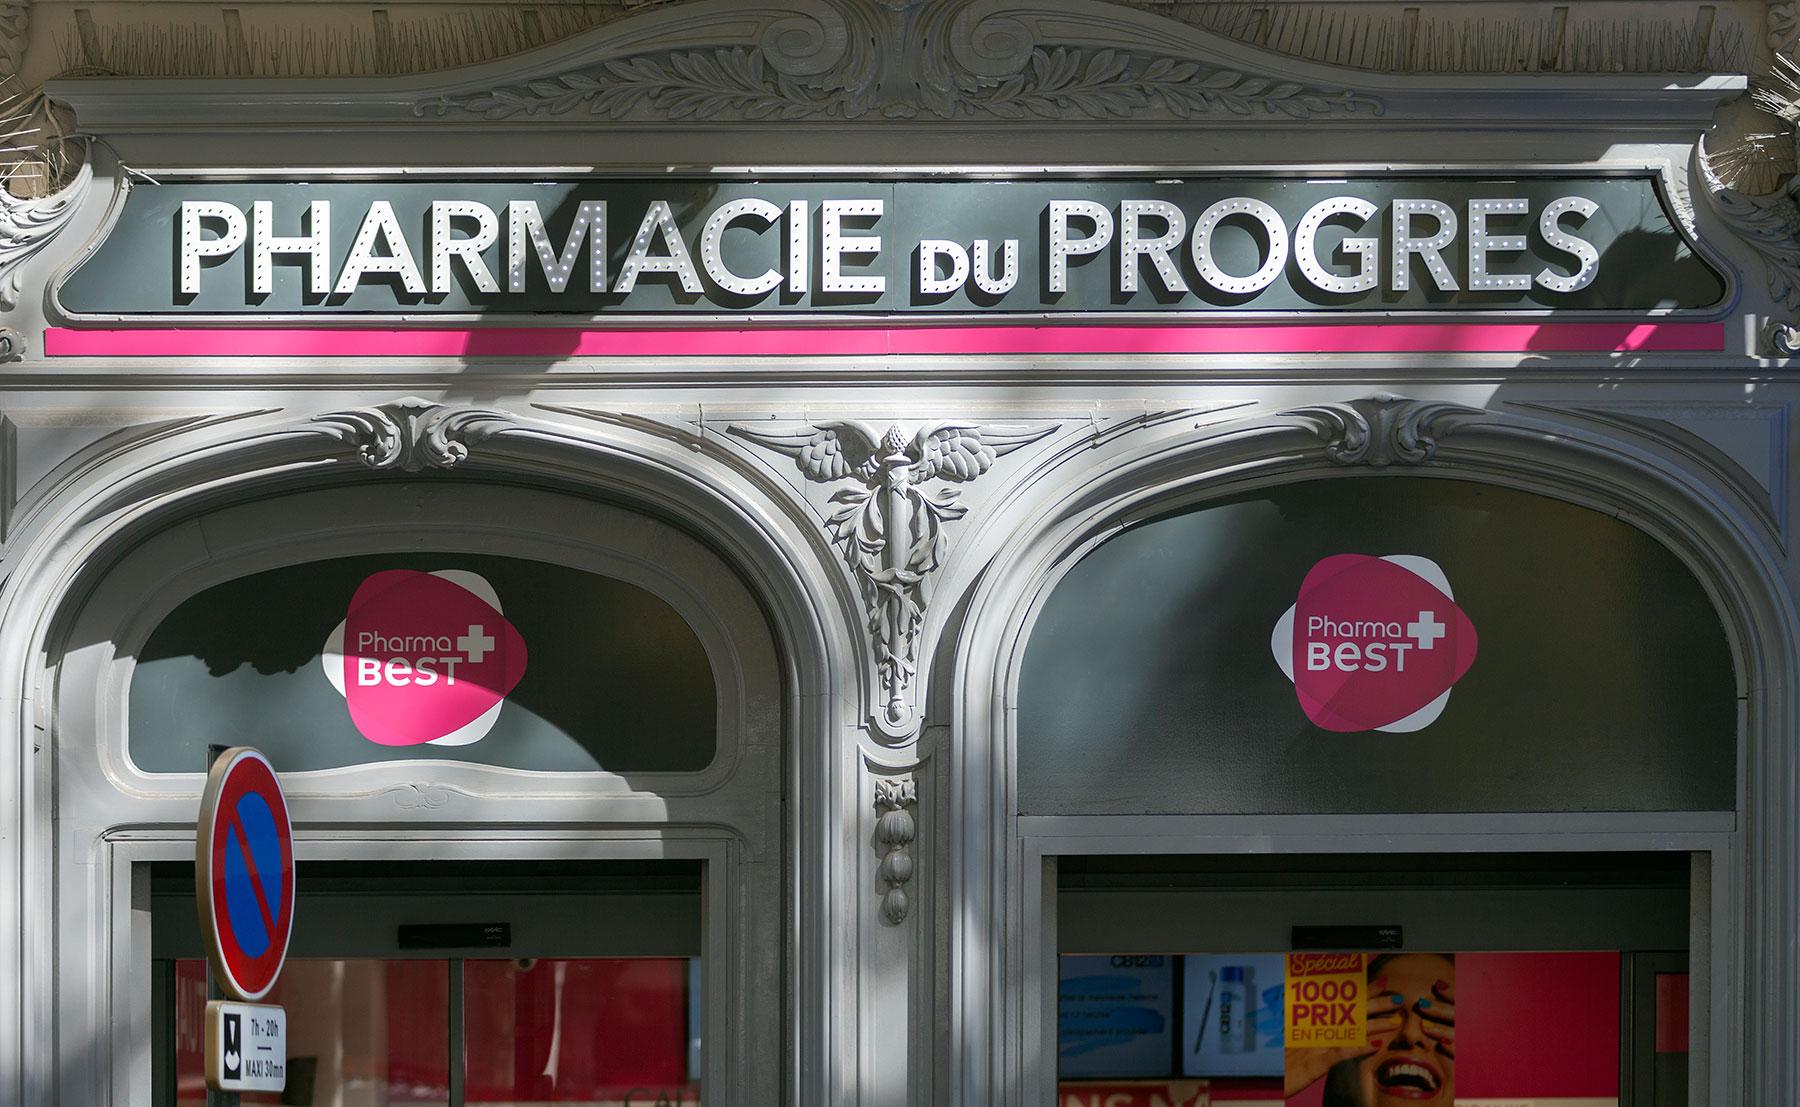 Pharmacie du Progrès